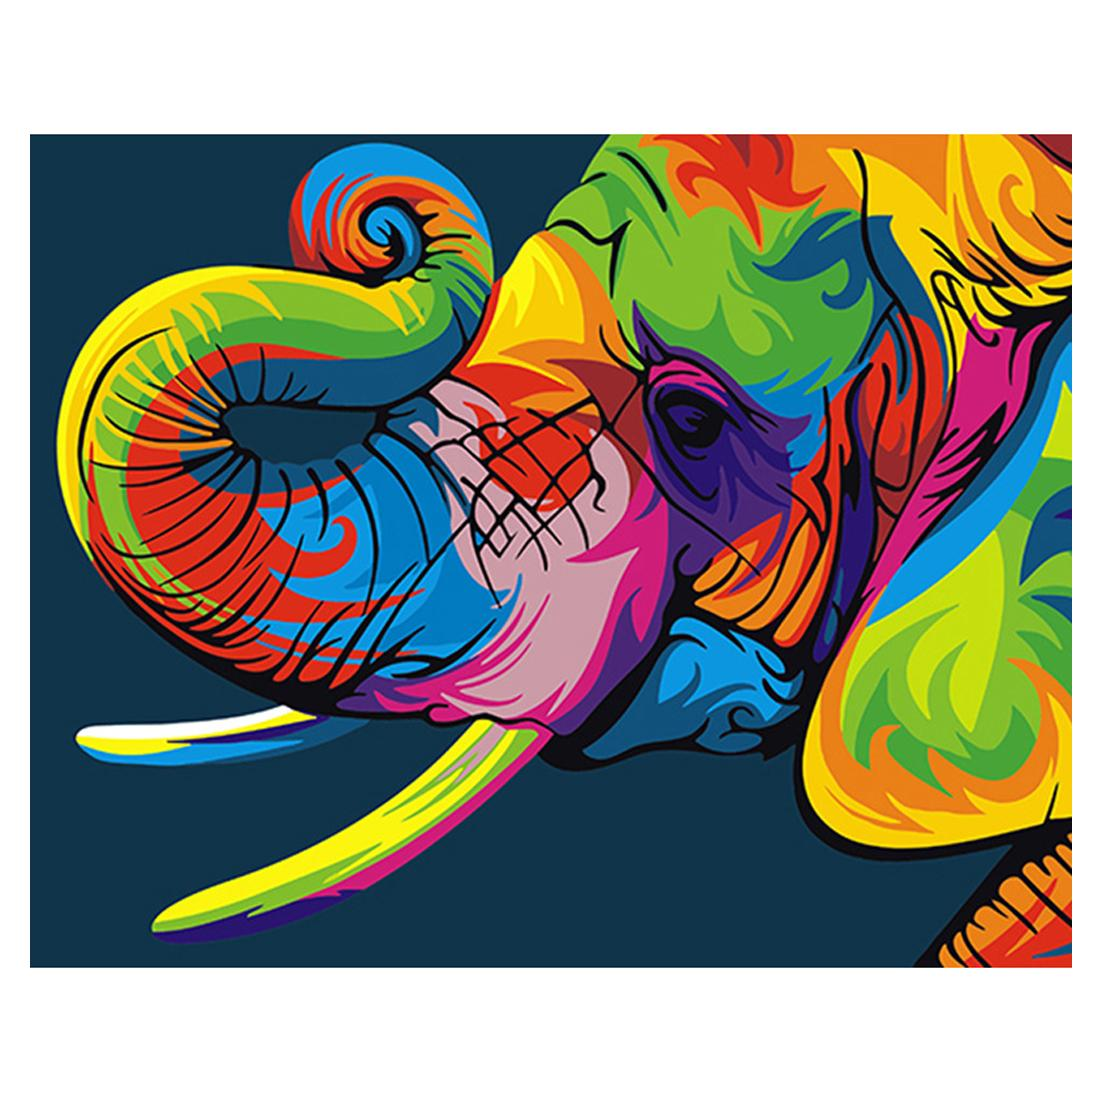 Diy Tiere Leinwand Gemälde Malen Nach Zahlen Mit Acrylfarben Pinsel Mit Oder Ohne Rahmen Für Erwachsene Anfänger Kinder Bunte Elefanten